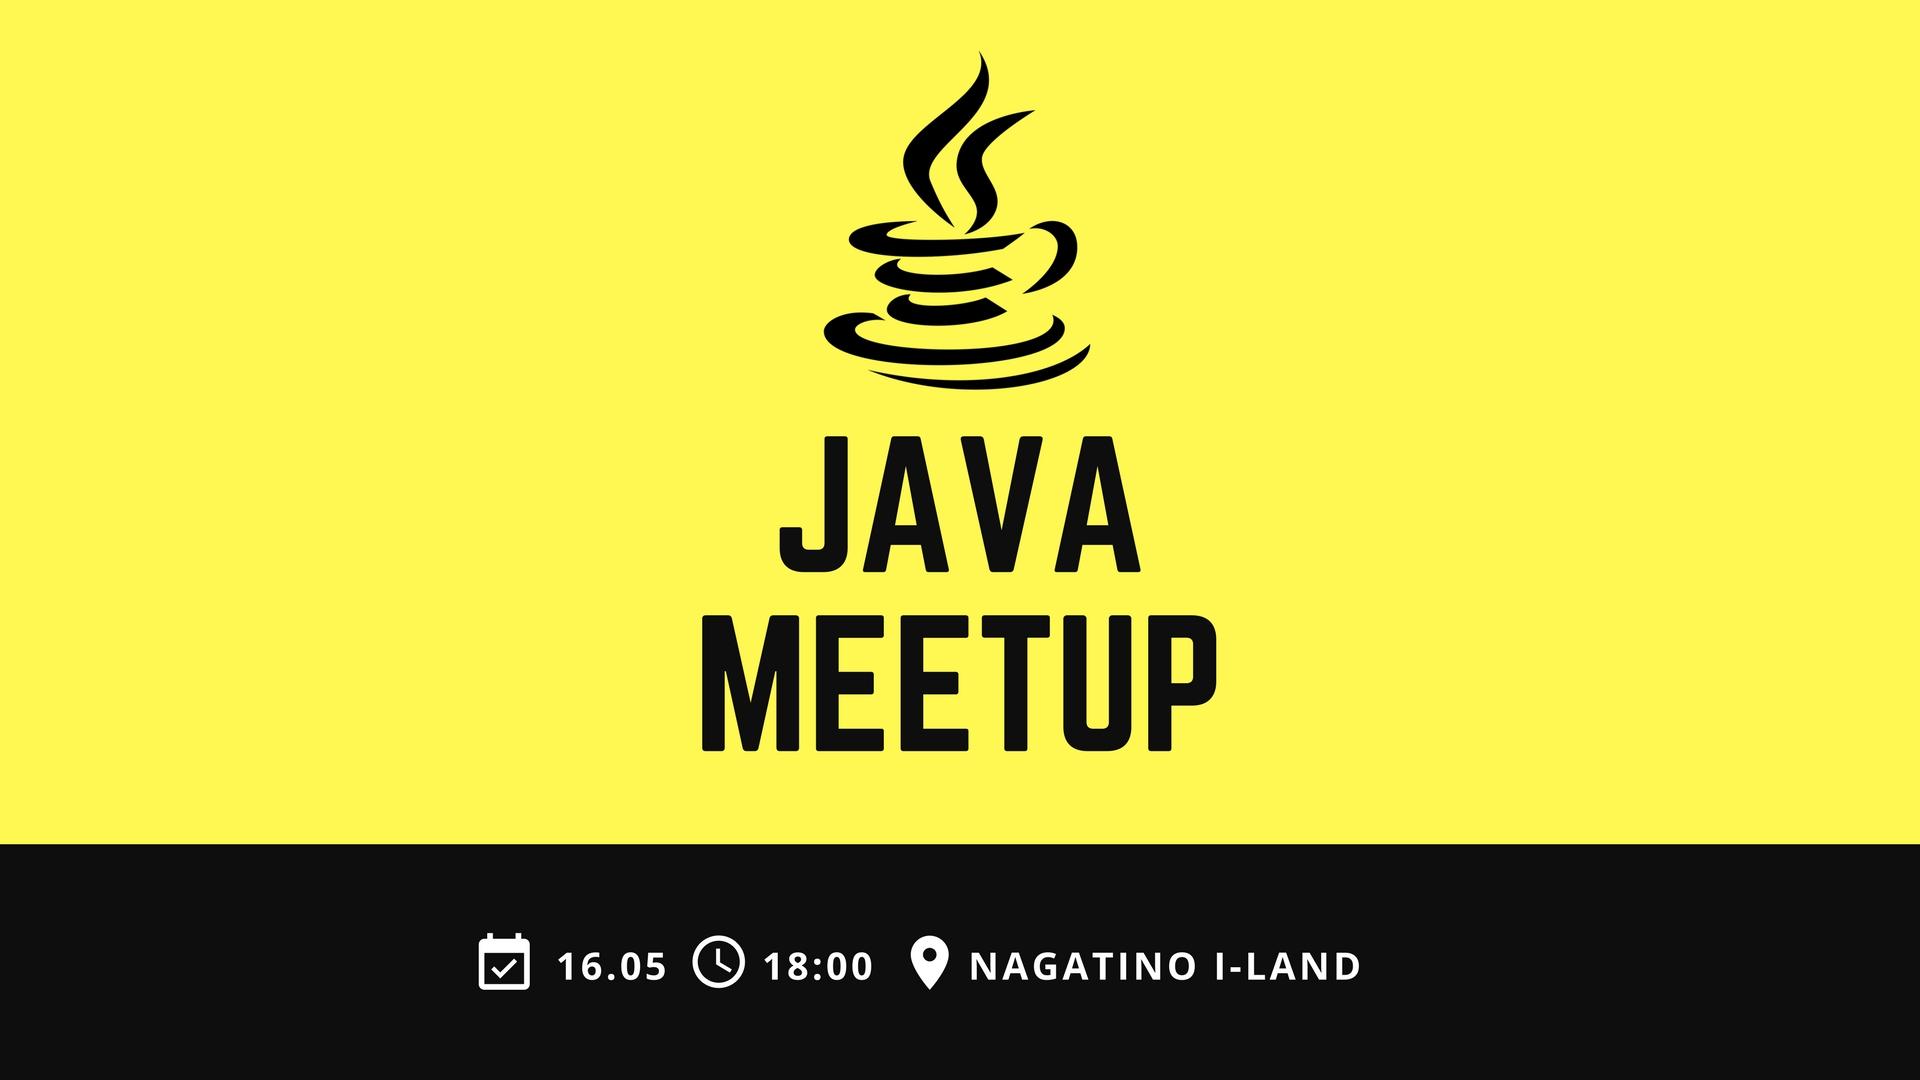 Looking for speakers in Java MeetUp